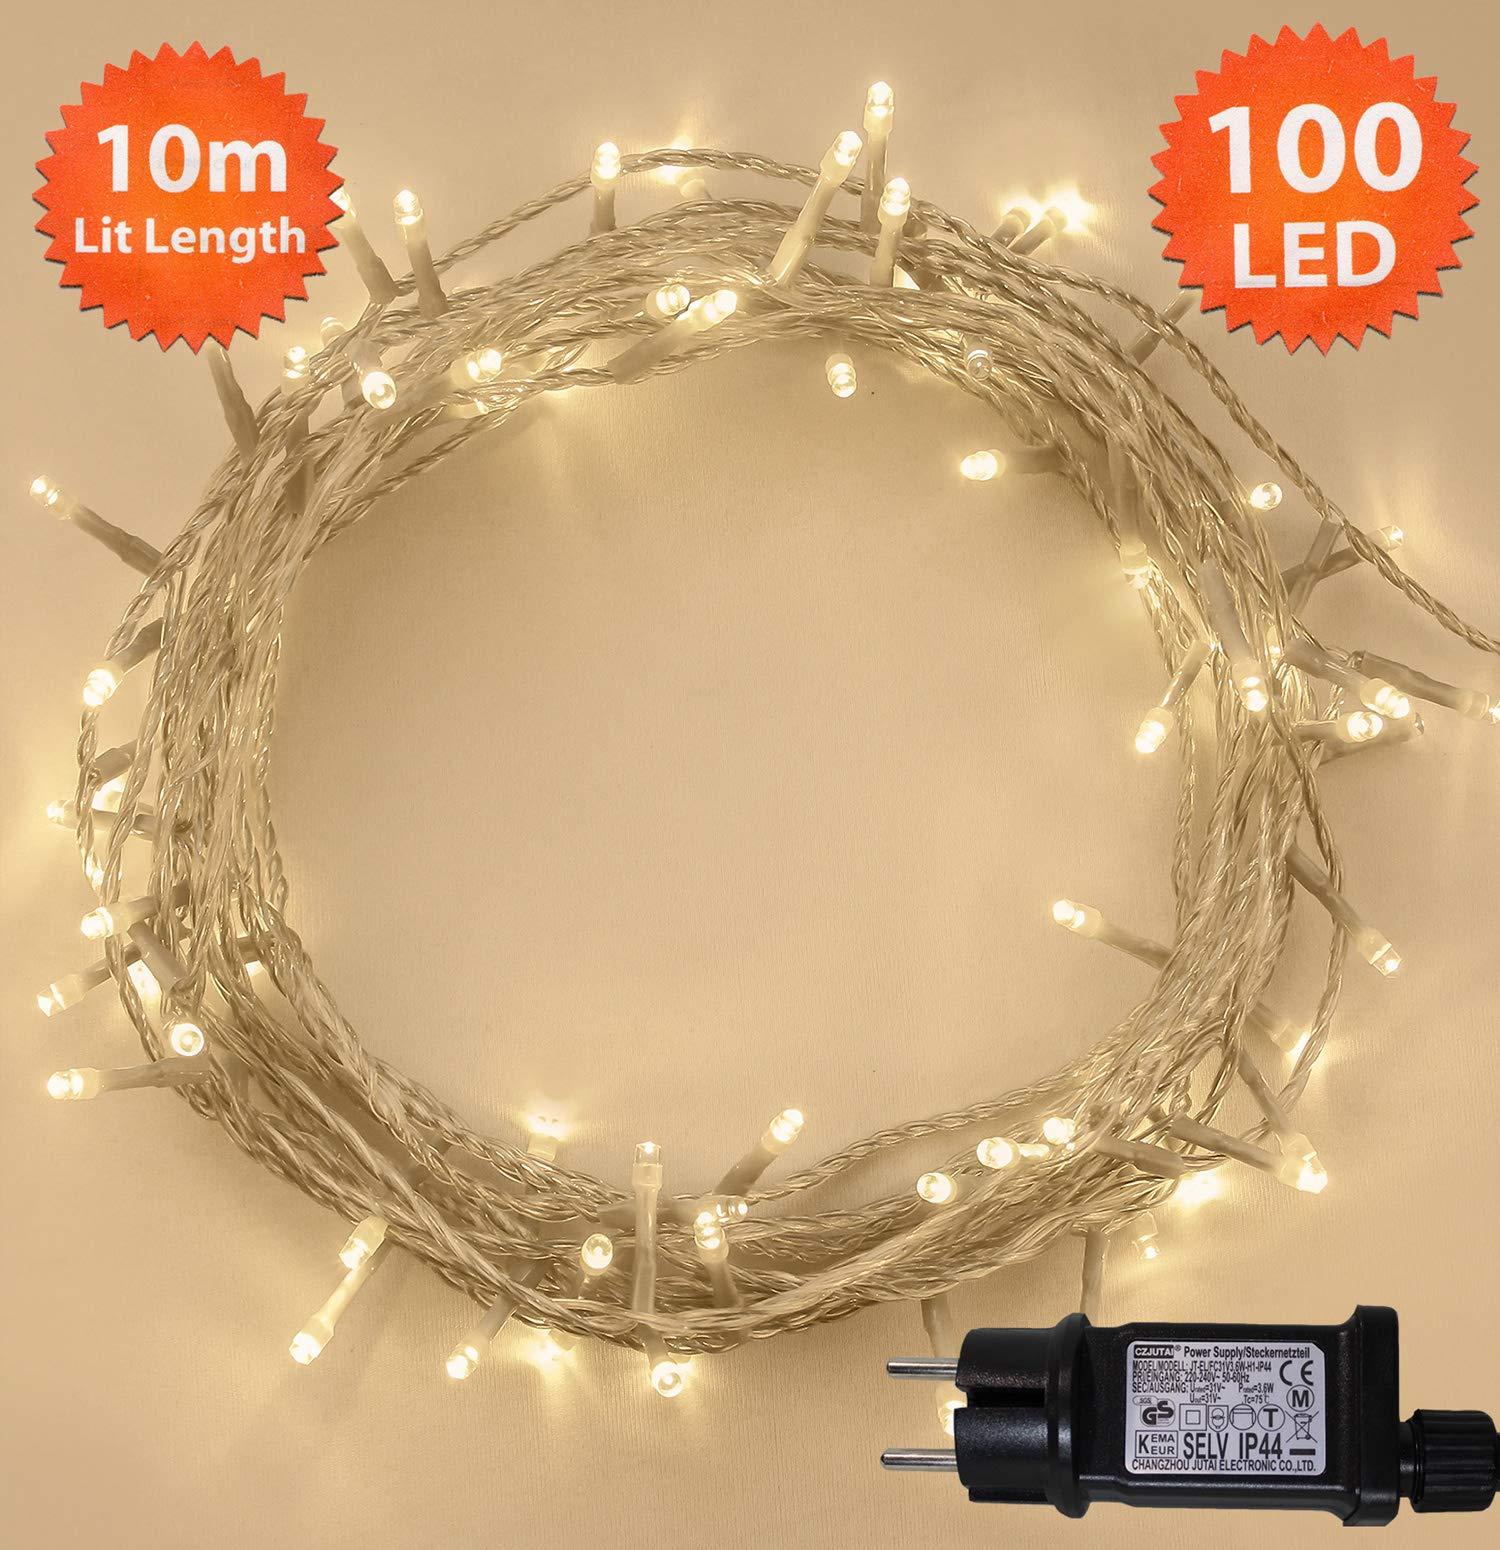 Ab Wann Macht Man Die Weihnachtsbeleuchtung An.Am Besten Bewertete Produkte In Der Kategorie Weihnachtsbeleuchtung